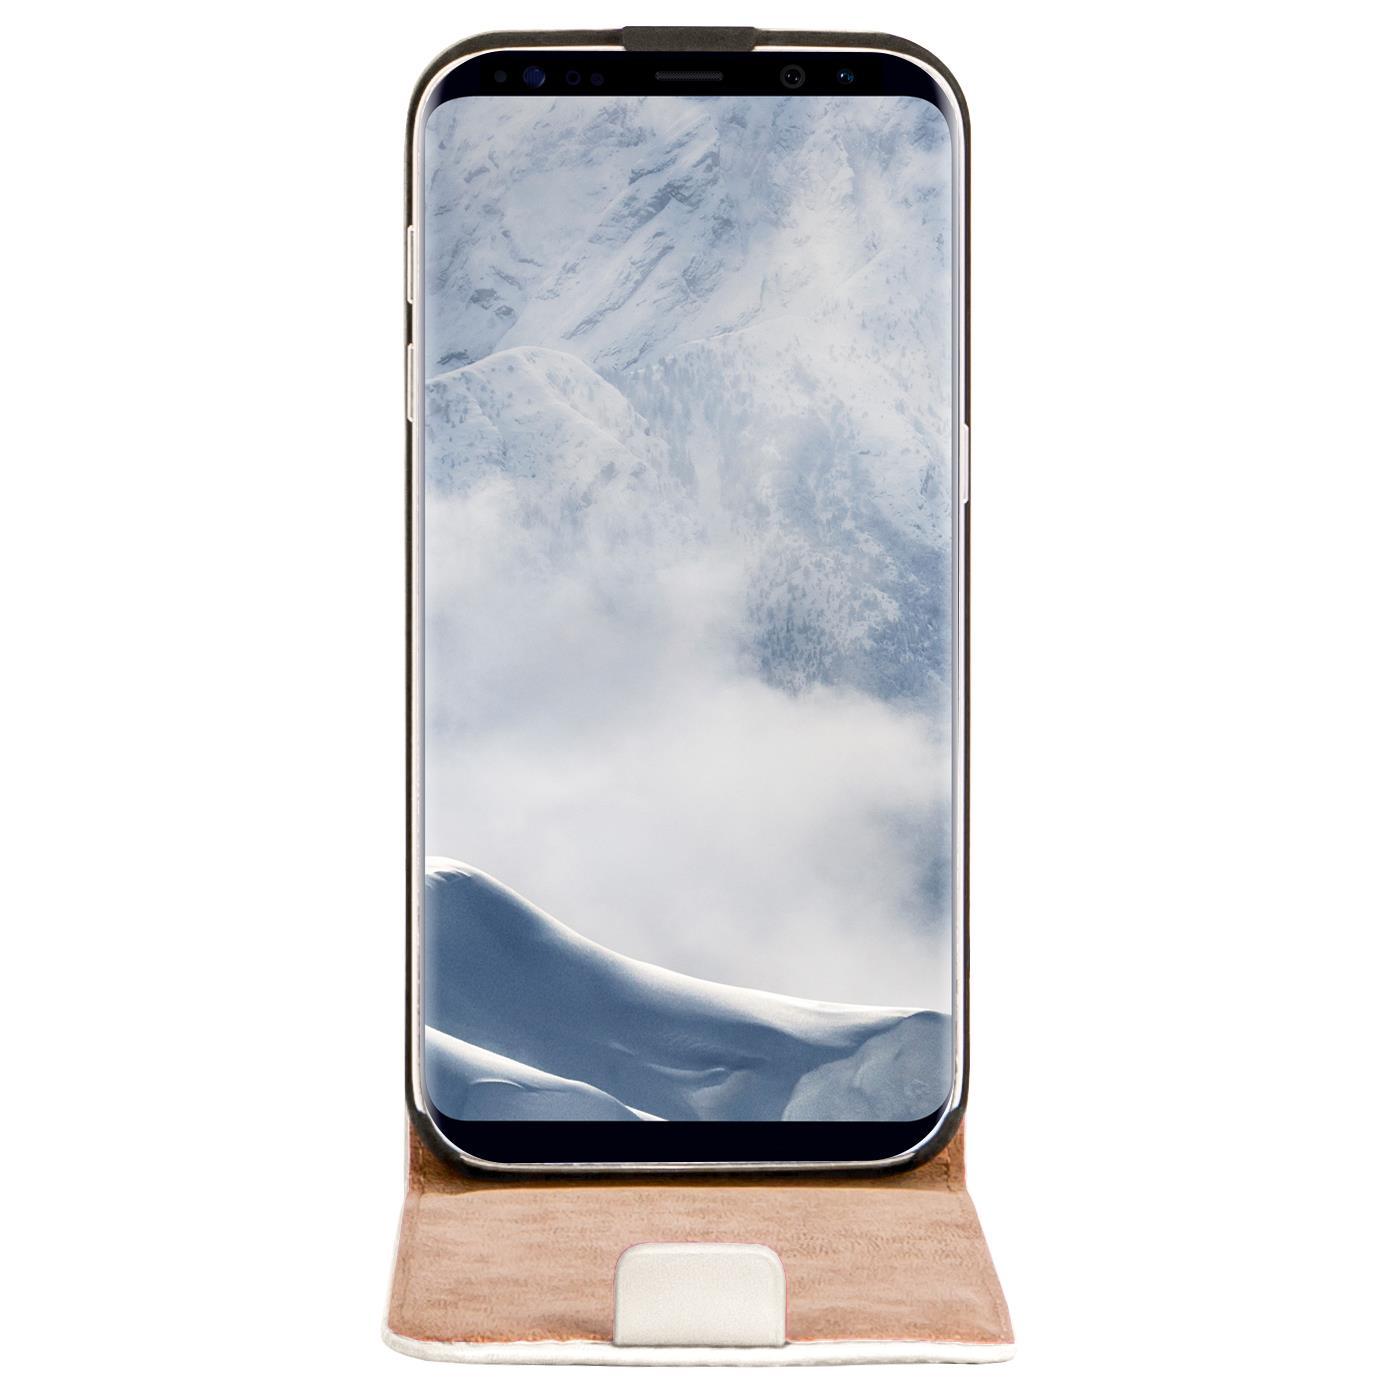 Klapphuelle-Samsung-Galaxy-Flip-Case-Tasche-Schutzhuelle-Cover-Schutz-Handy-Huelle Indexbild 34